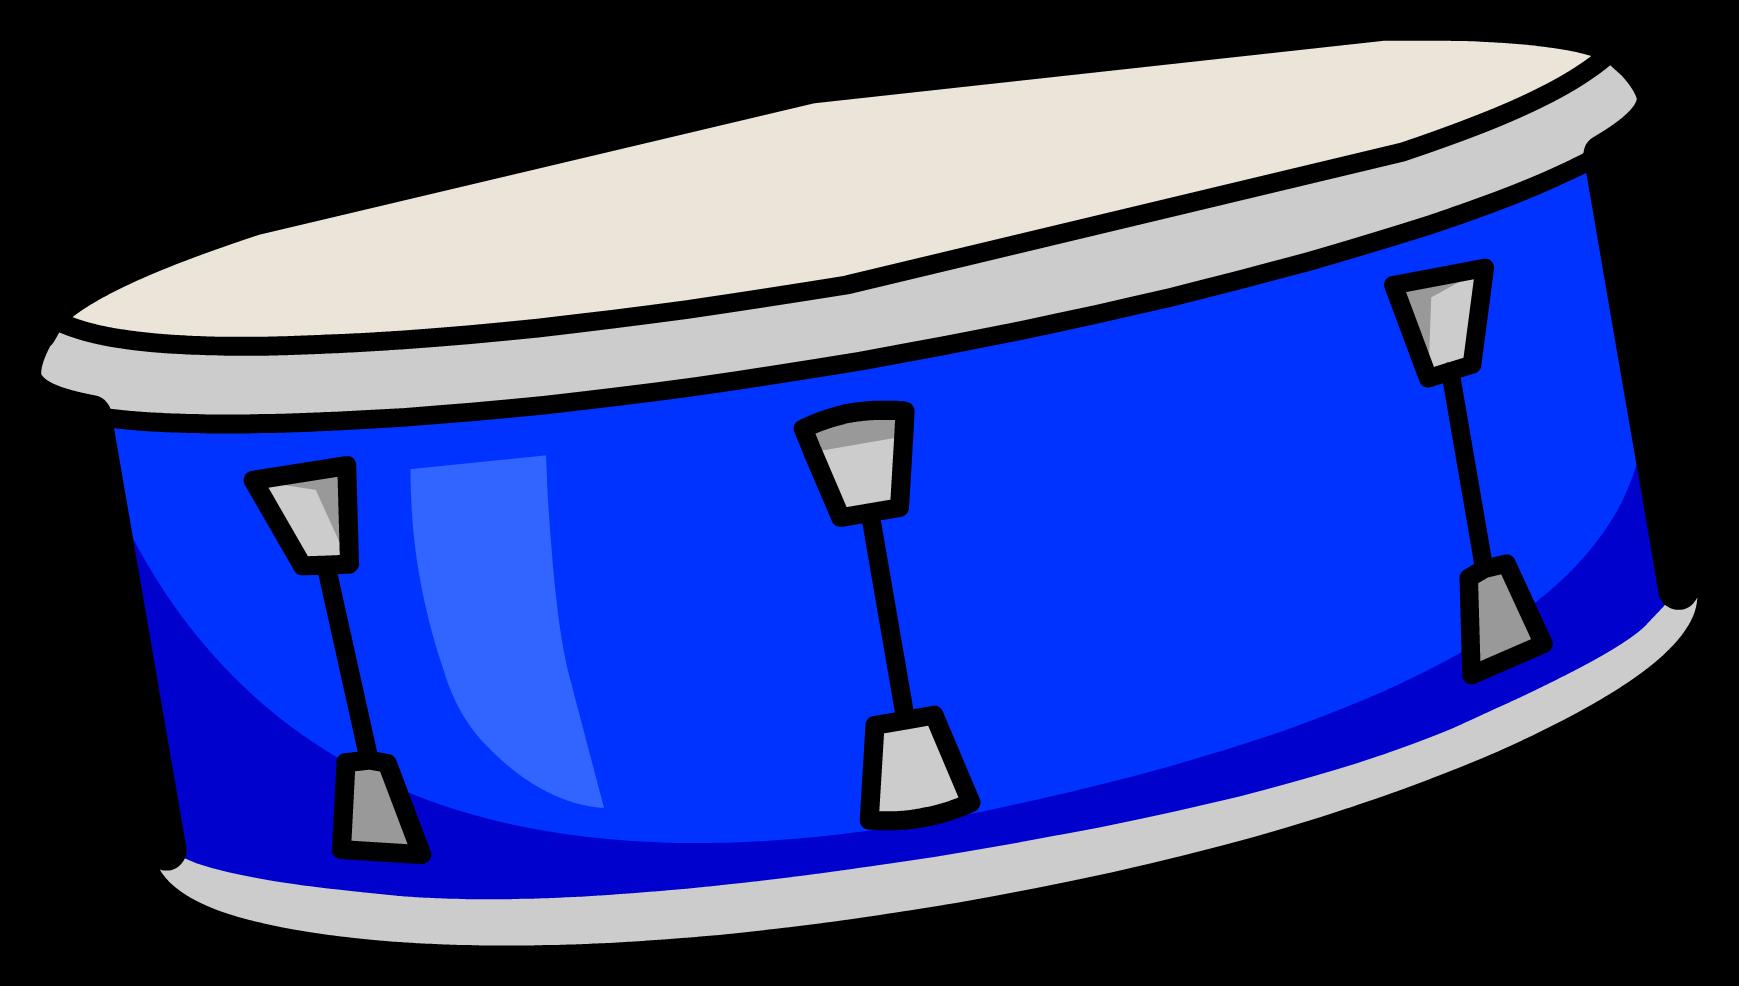 drum clipart blue drum